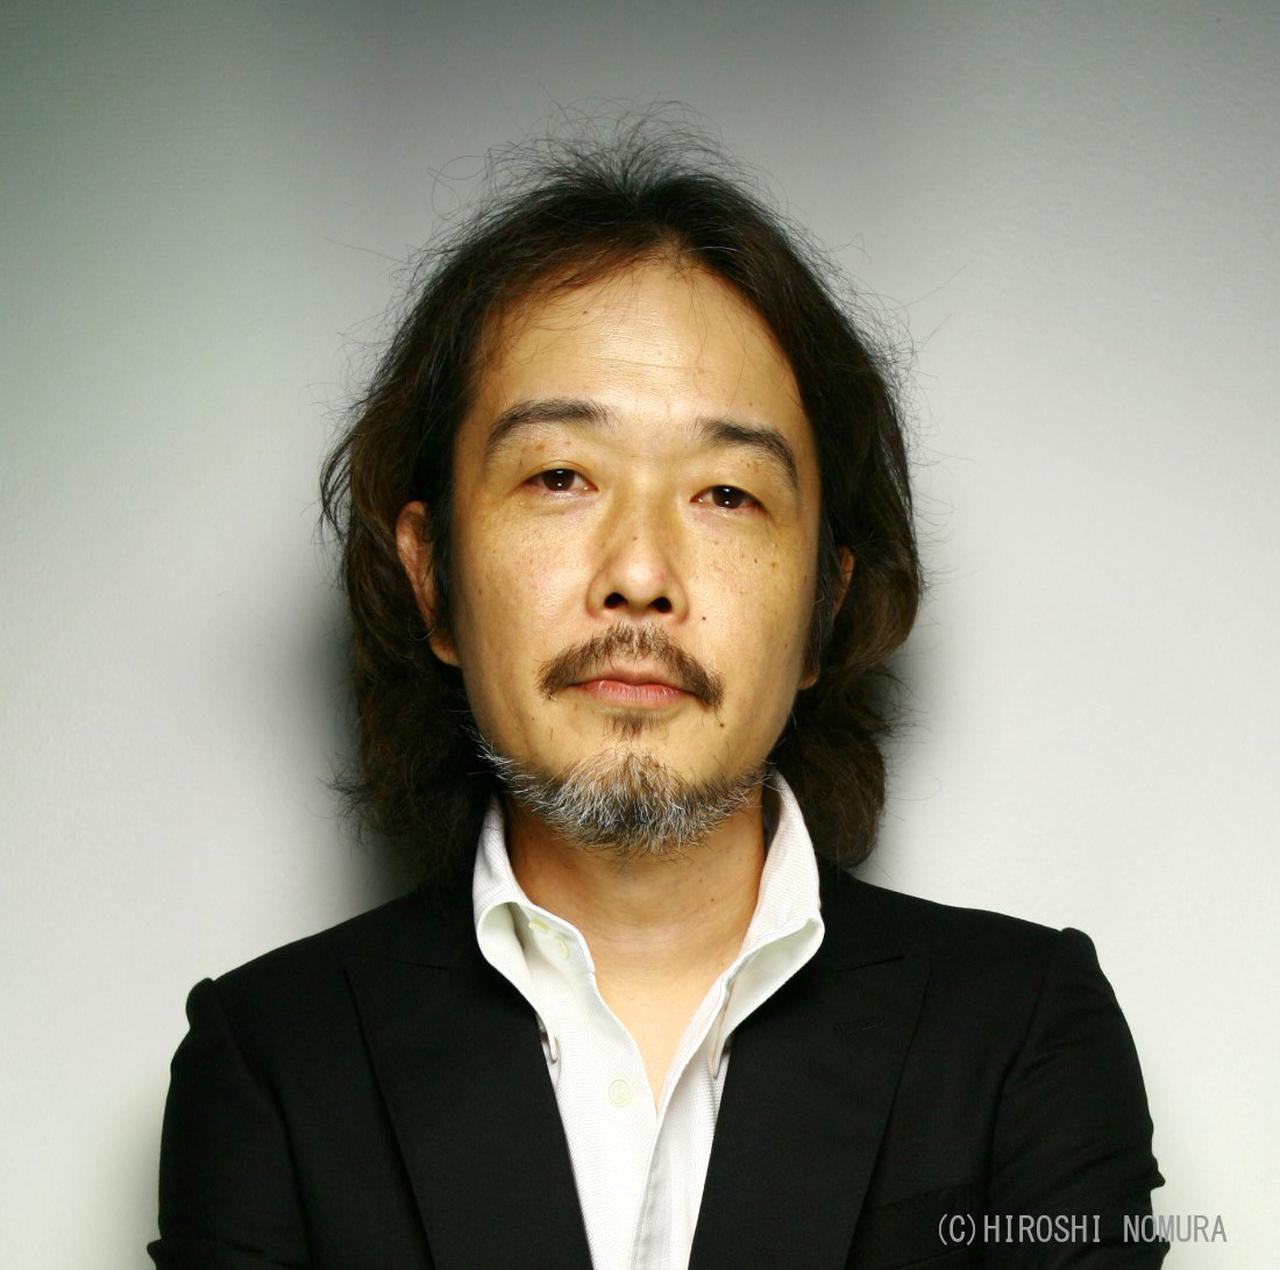 画像1: 日英合作映画『Cottontail』にリリー・フランキー、錦戸亮、木村多江、高梨臨が出演決定!